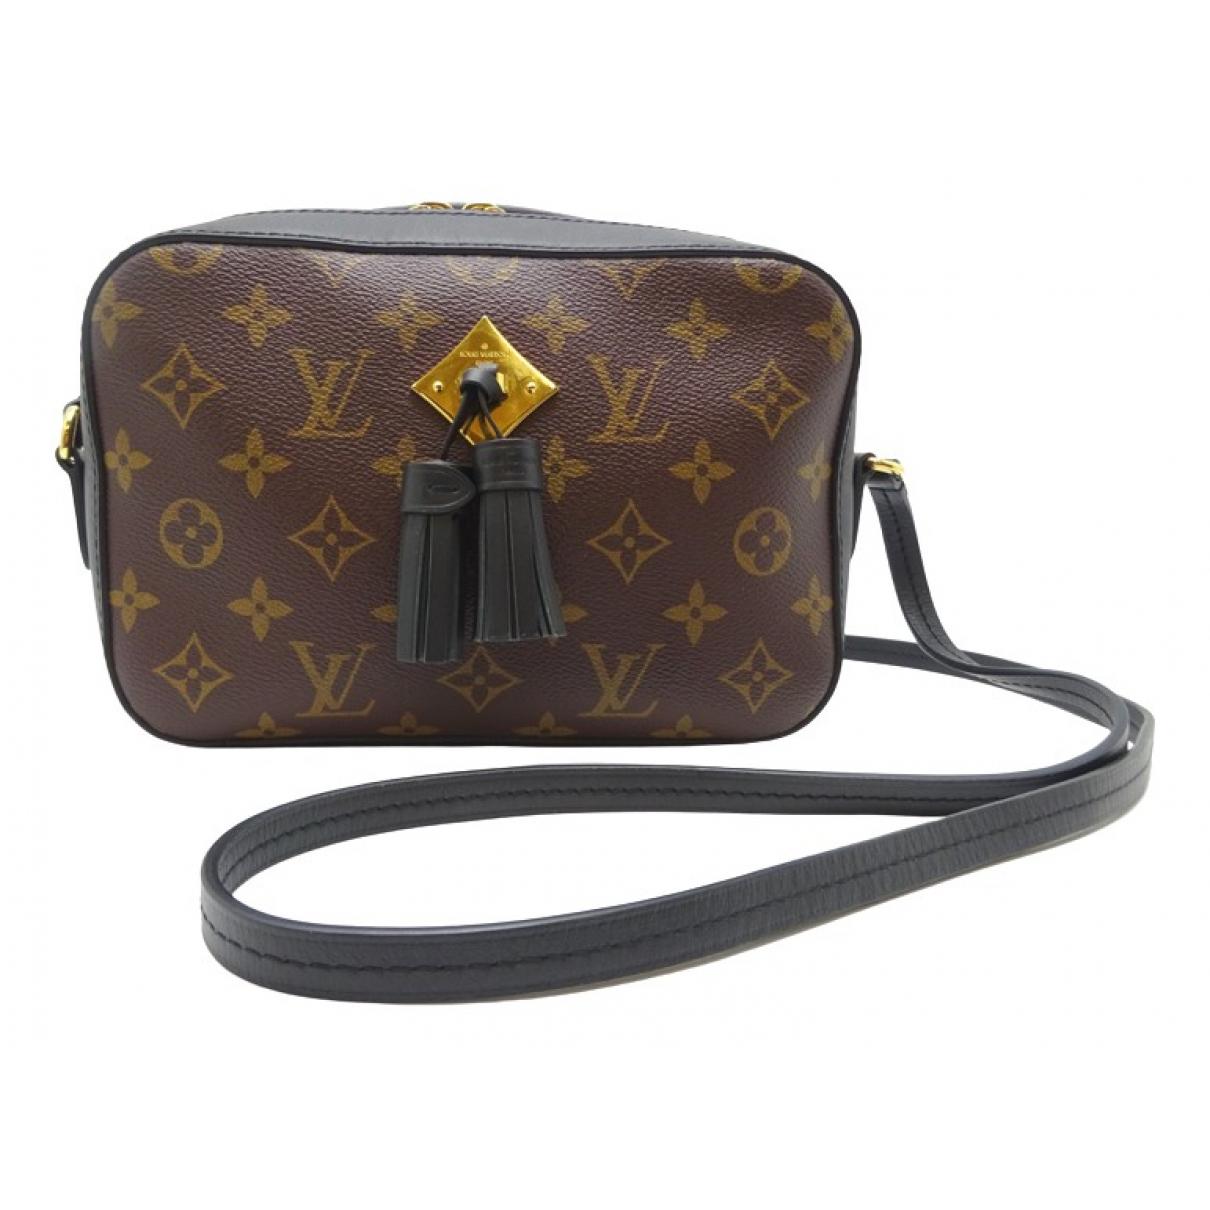 Louis Vuitton - Sac a main Saintonge pour femme en toile - marron